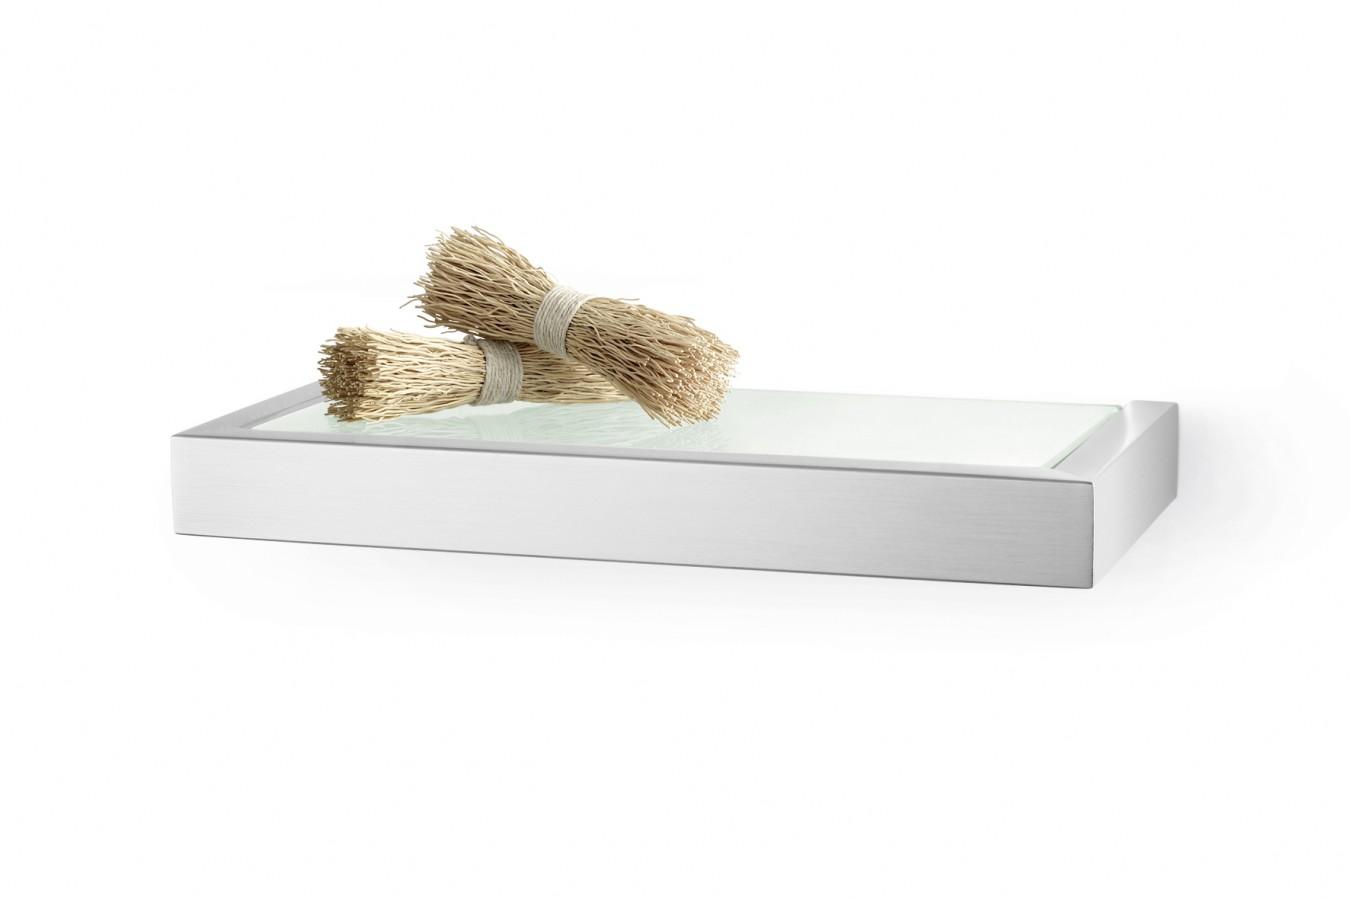 Półka łazienkowa szklana ZACK LINEA 26cm 40383